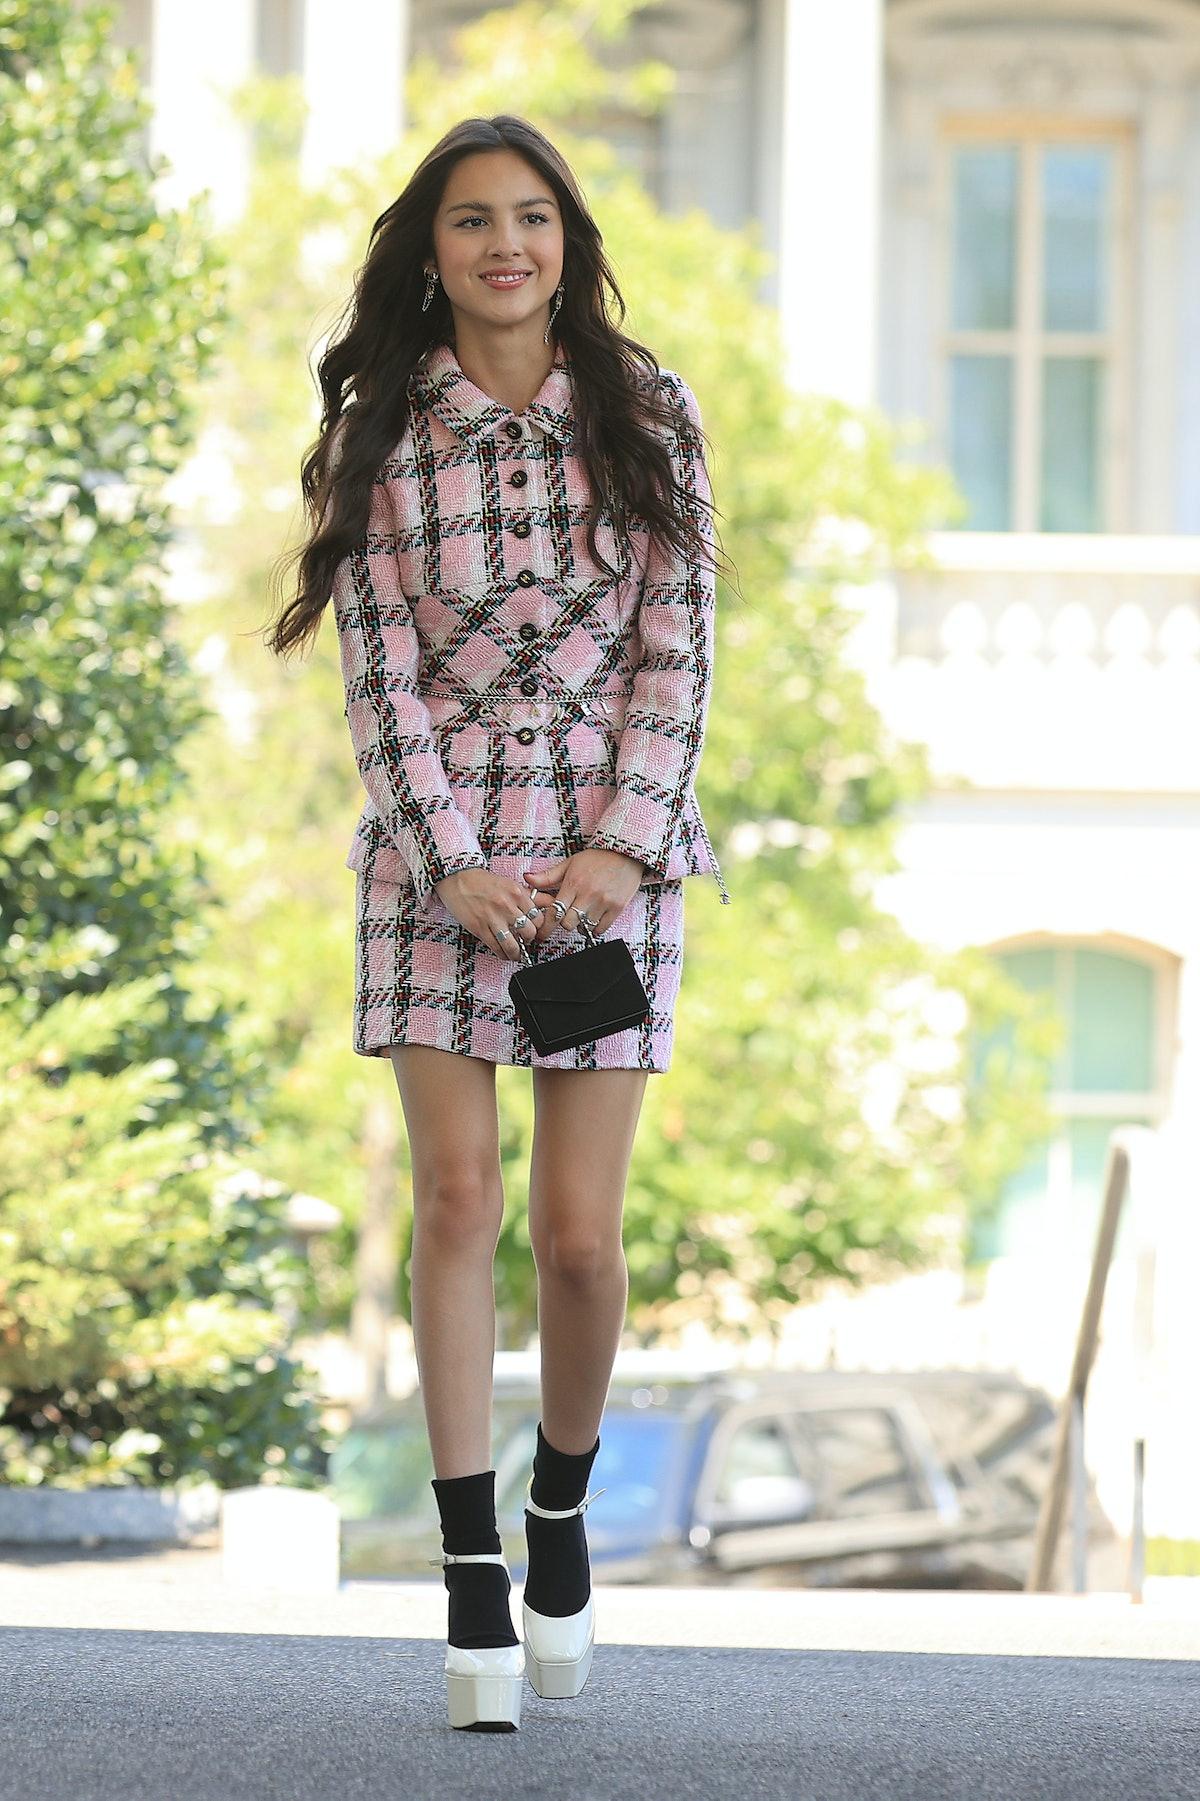 Pop music star and Disney actress Olivia Rodrigo is singlehandedly bringing Y2K fashion back in a bi...